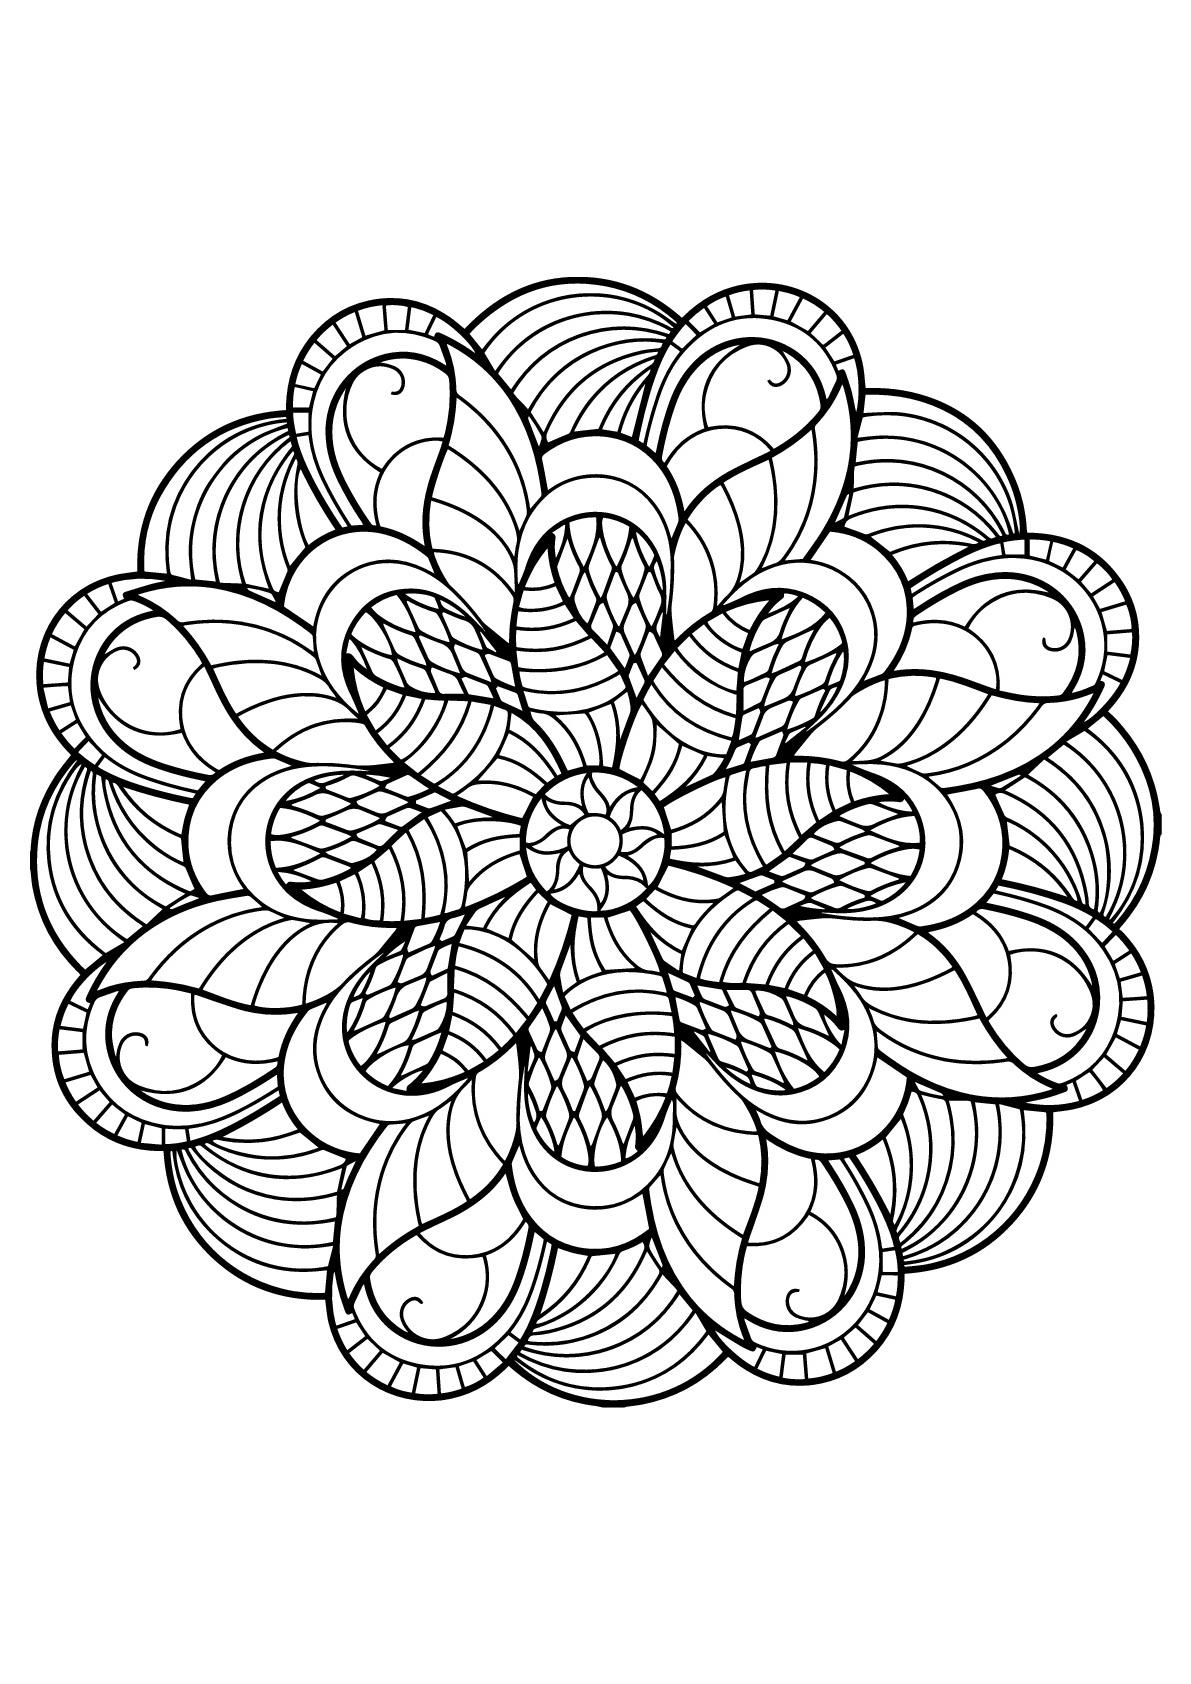 Coloriage Adulte Gratuit Impressionnant Photographie serapportantà Coloriage Mandala Adulte